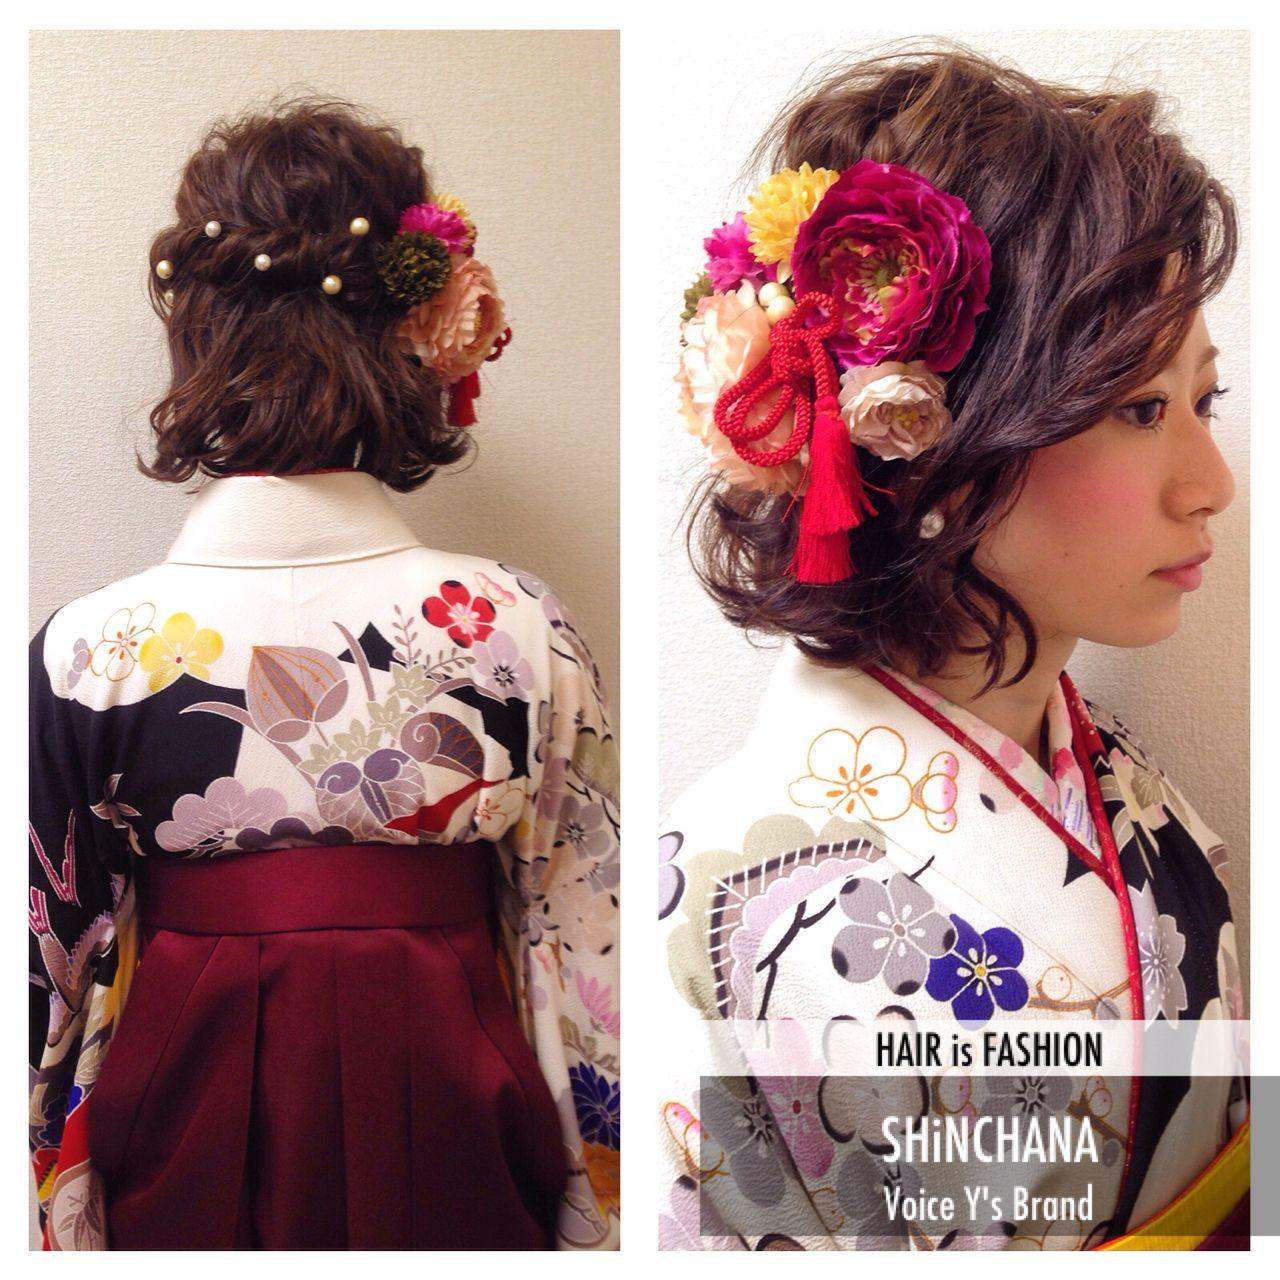 フェミニン 袴 着物 ゆるふわ|Voice Y\u0027s Brand SHiNCHANA 65575